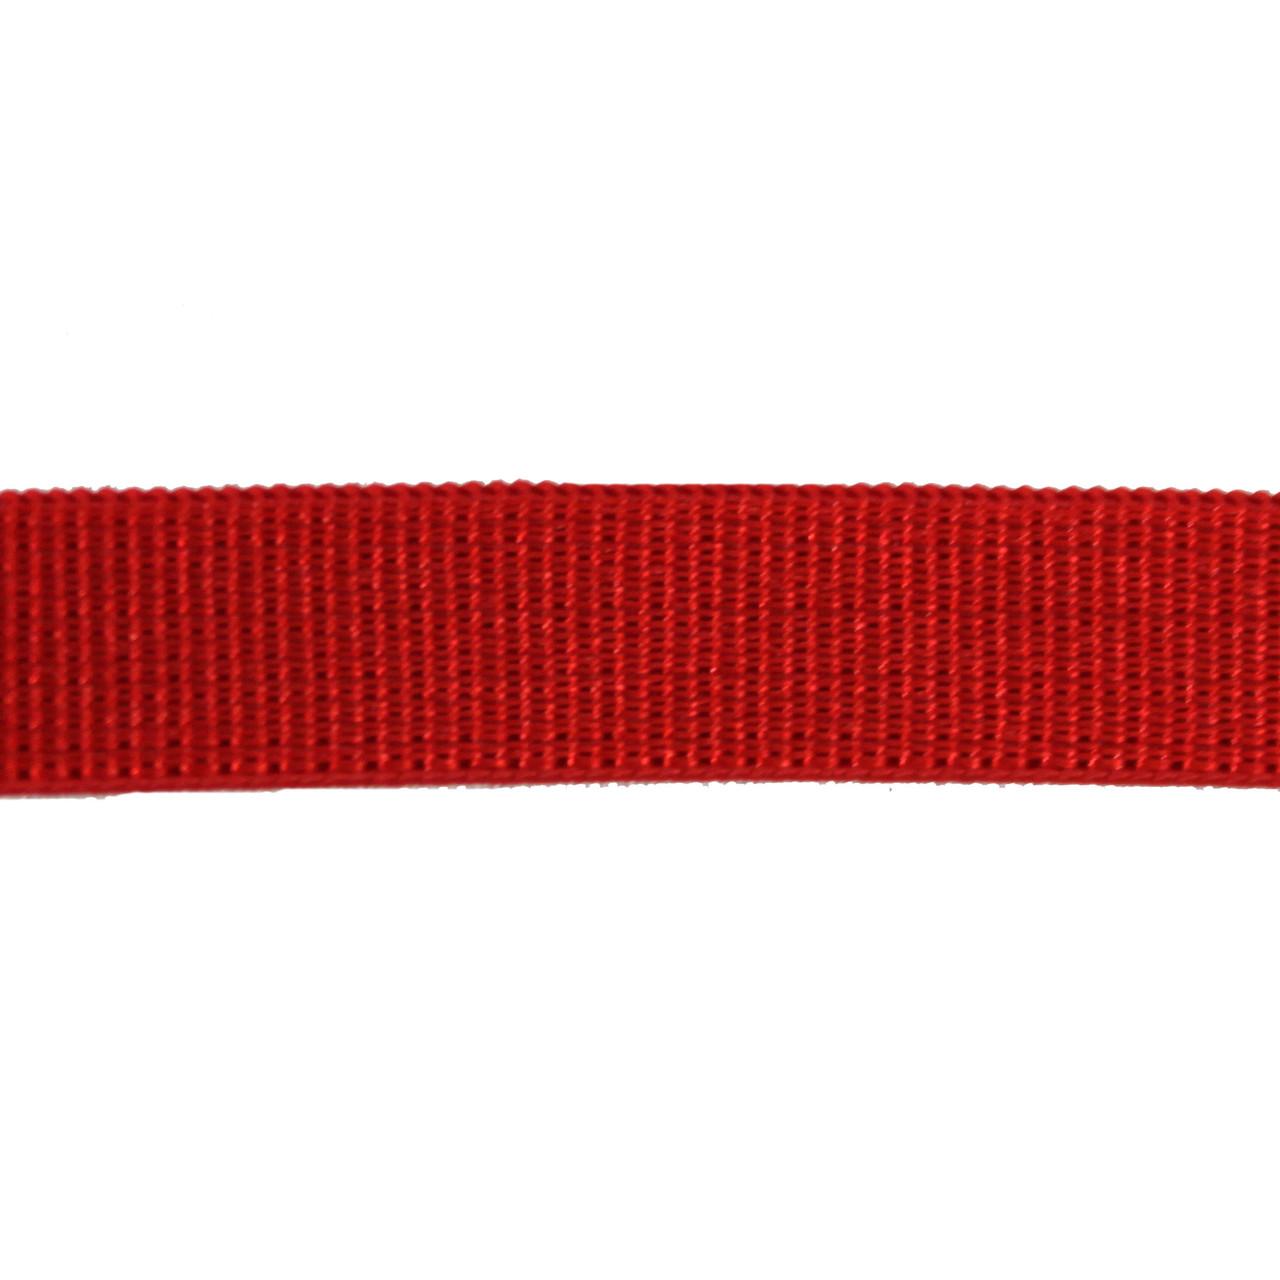 Резинка для бретелей, арт. 001 красная